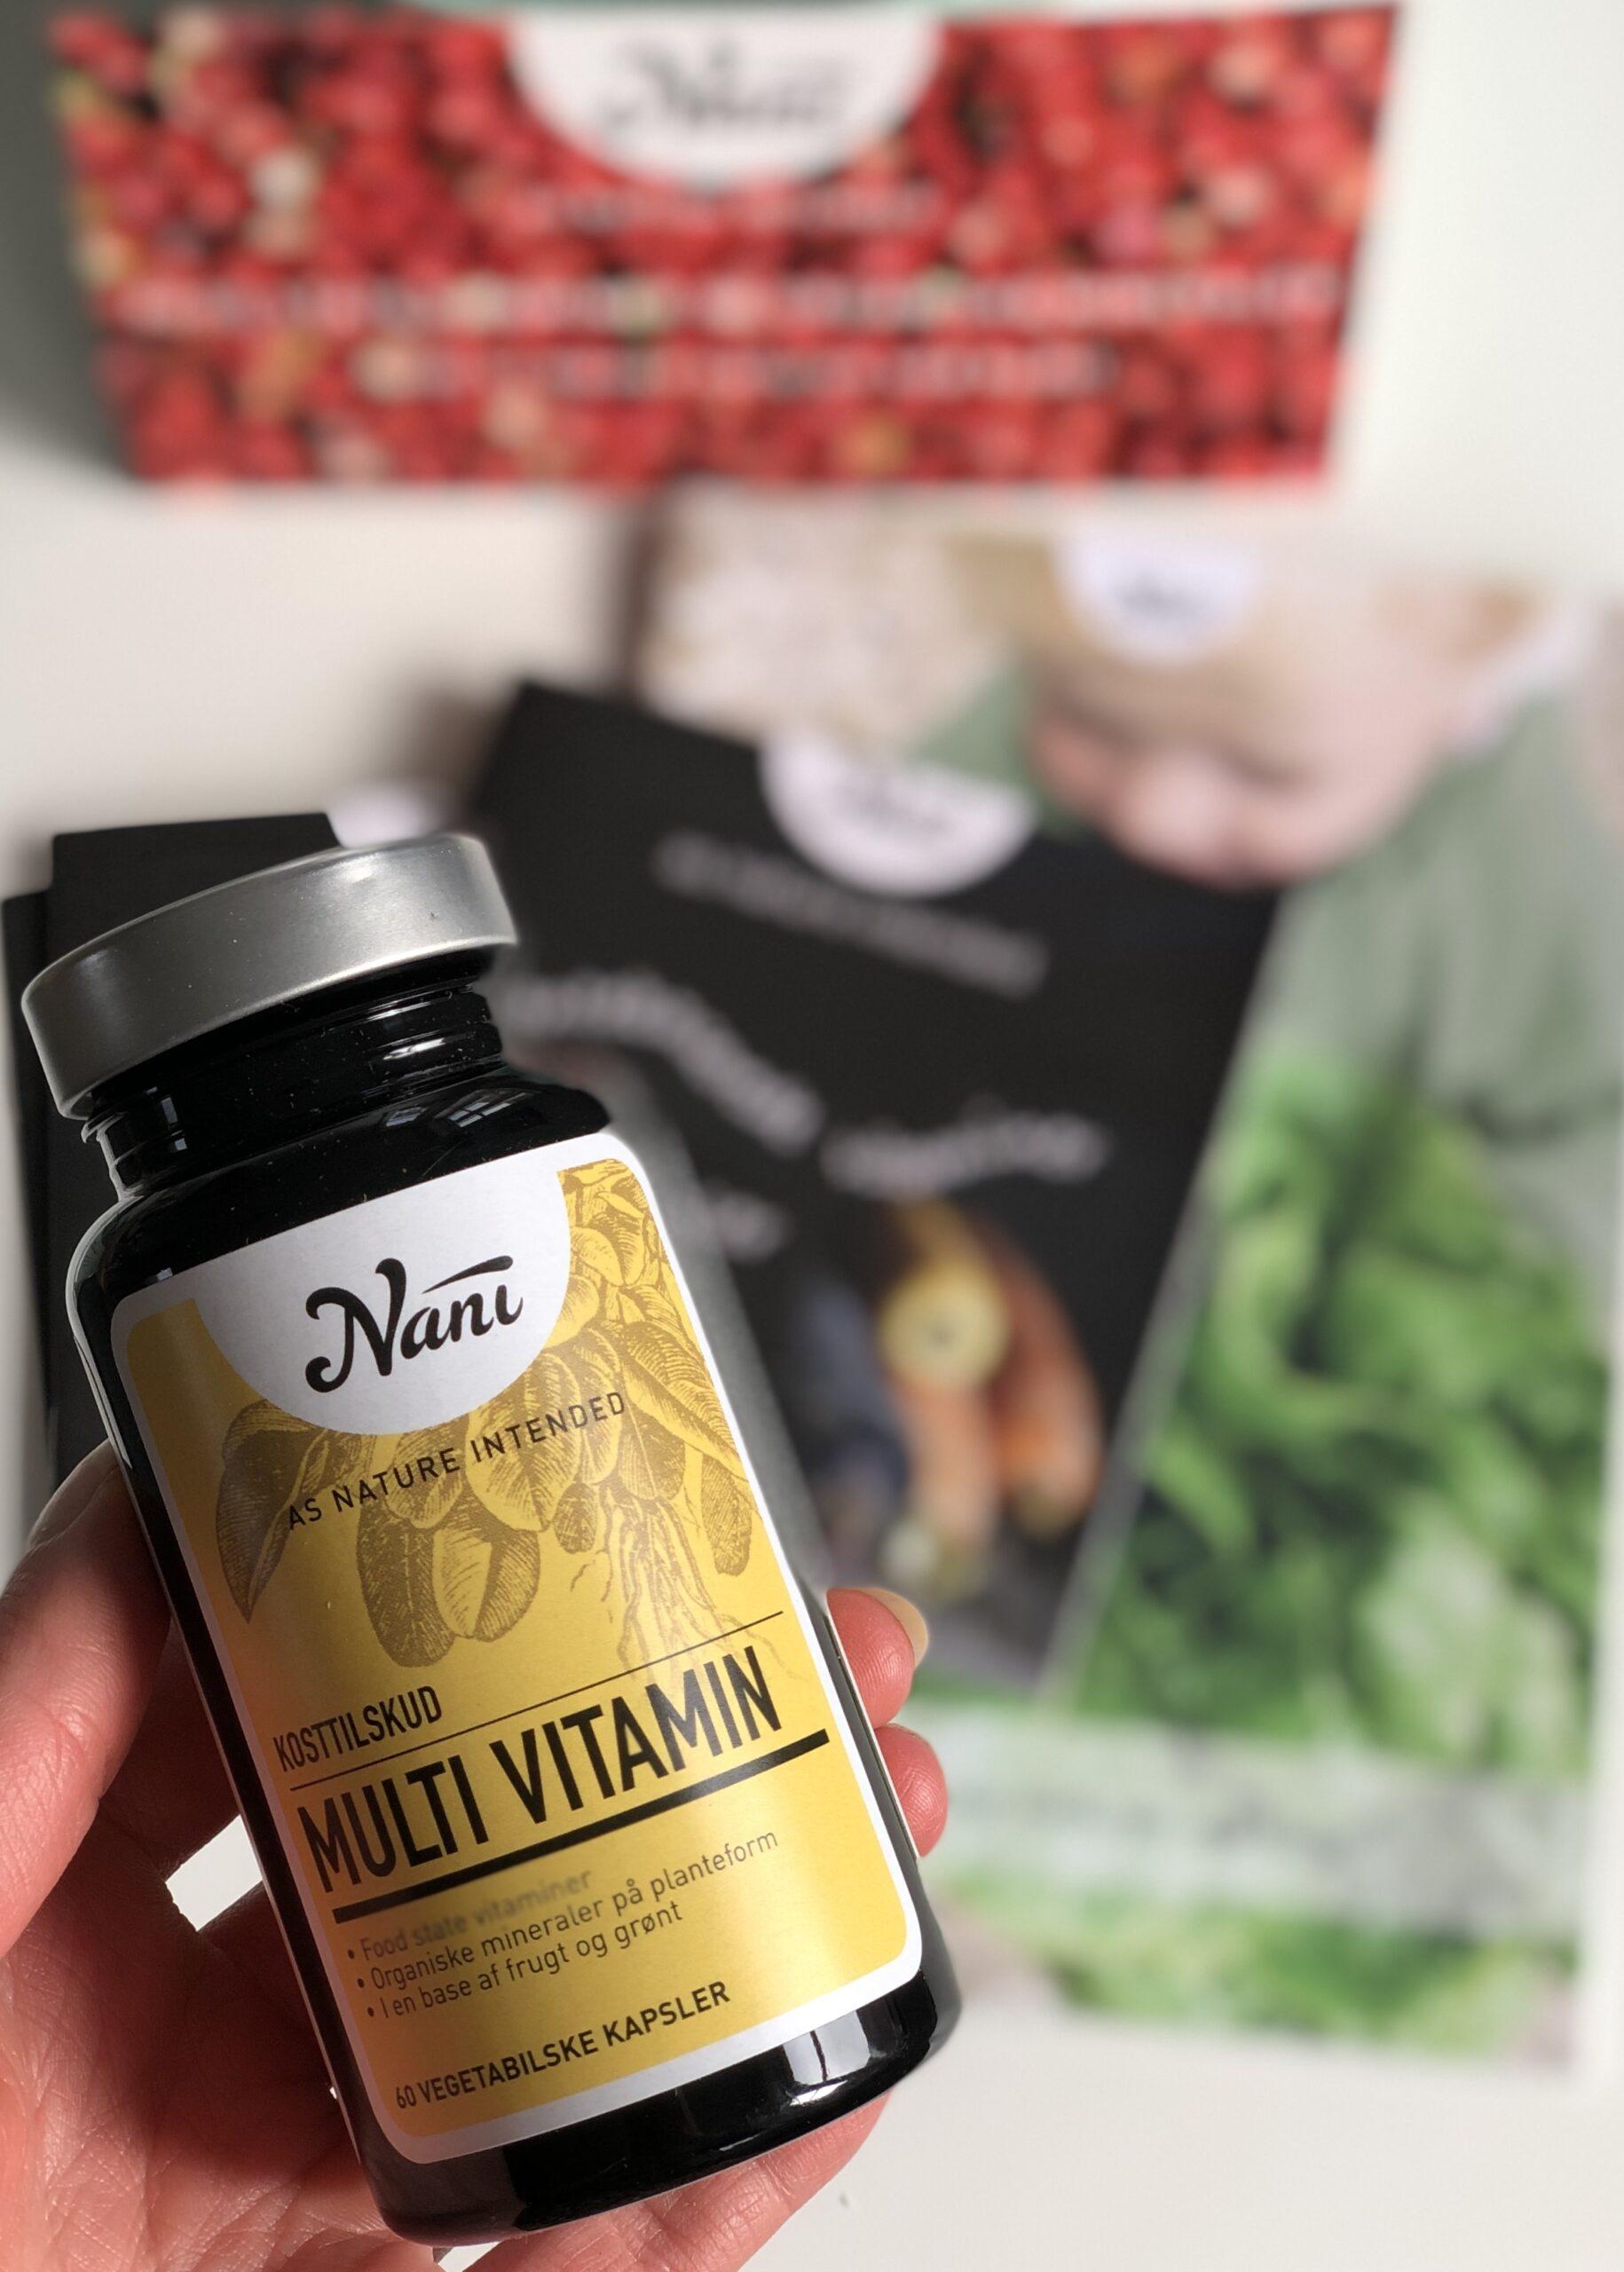 Kosttilskud – Multi vitamin